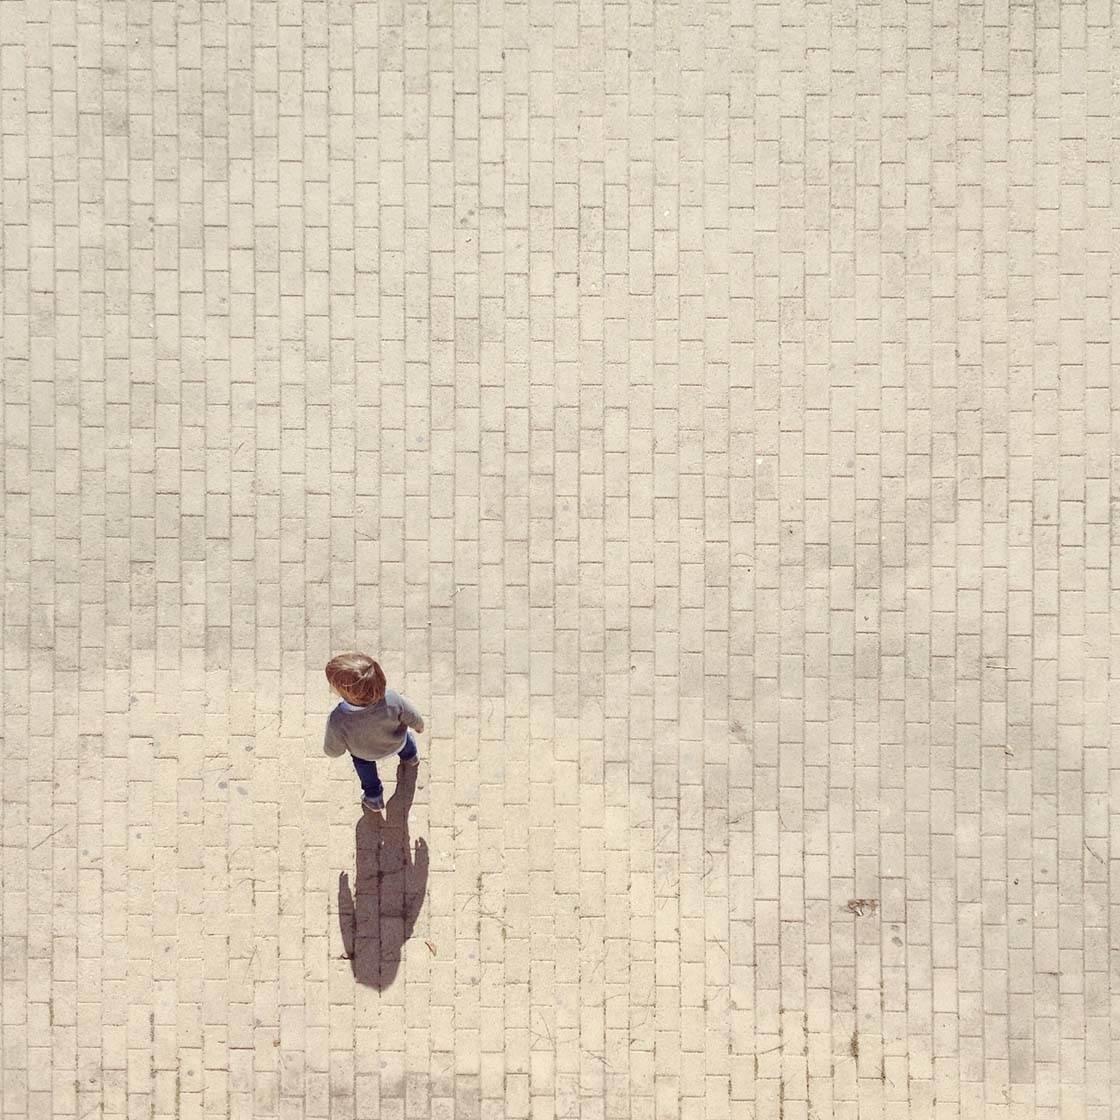 Emilio Chulia Soler iPhone Photos 78 no script